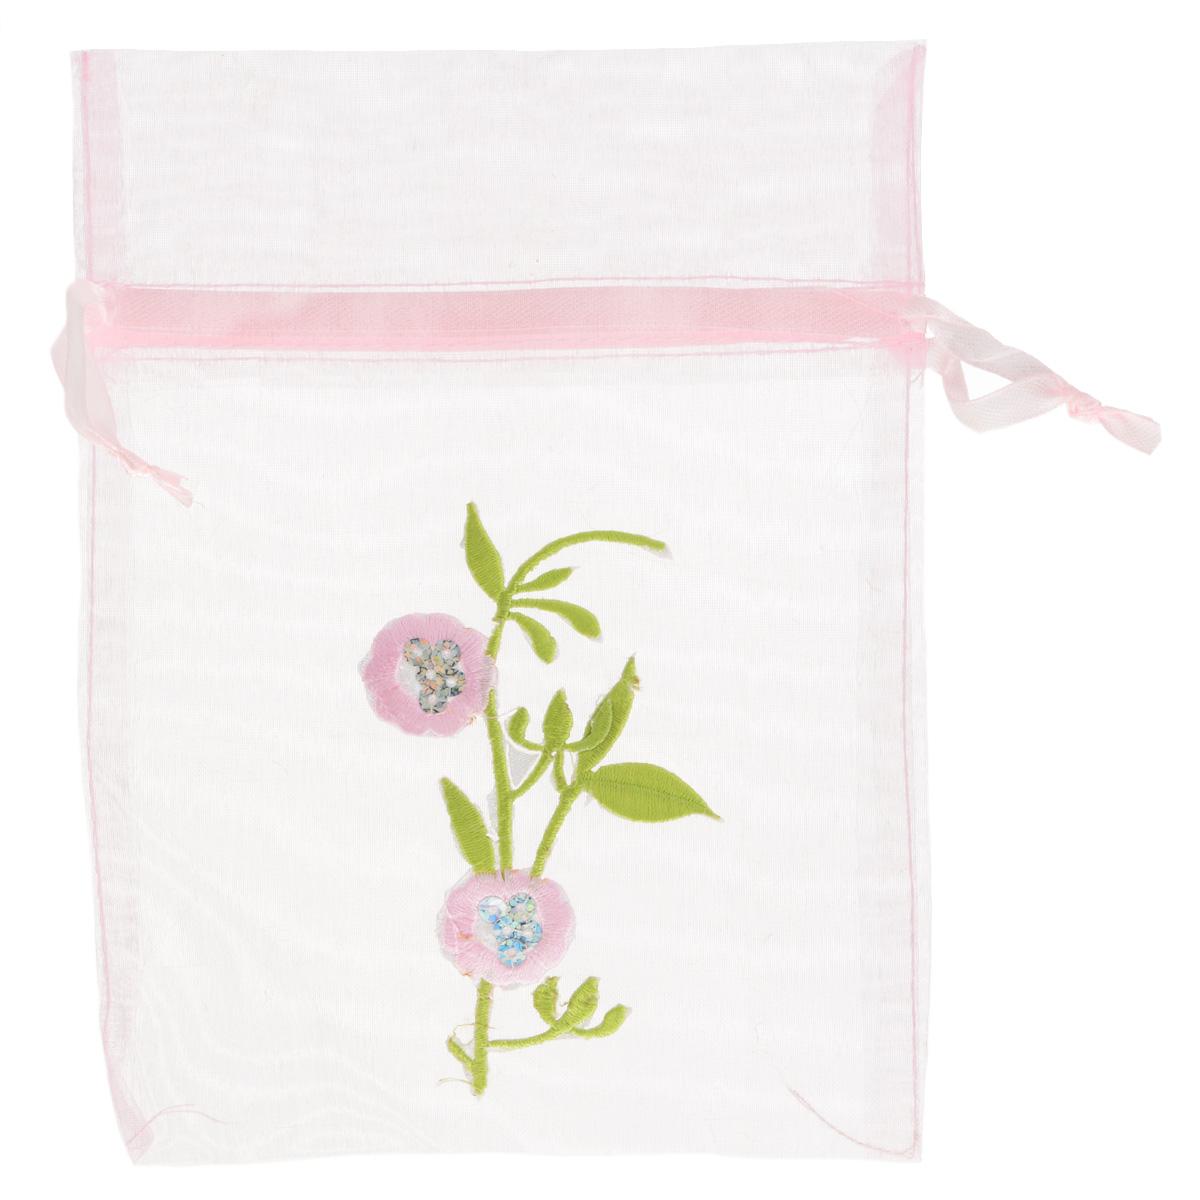 Мешочек подарочный Home Queen Декорированный, цвет: розовый, 13 х 18 см64492_4Подарочный мешочек Home Queen Декорированный, выполненный из полупрозрачного полиэстера, оформлен вышивкой в виде цветка. Изделие имеет шнурок, потянув за два конца которого, можно закрыть мешочек. Для удобства переноски можно использовать концы шнурка как ручки. Подарок, преподнесенный в оригинальной упаковке, всегда будет самым эффектным и запоминающимся. Окружите близких людей вниманием и заботой, вручив презент в нарядном, праздничном оформлении. УВАЖАЕМЫЕ КЛИЕНТЫ! Обращаем ваше внимание на возможные незначительные изменения в декоративном оформлении товара. Поставка осуществляется в зависимости от наличия на складе.